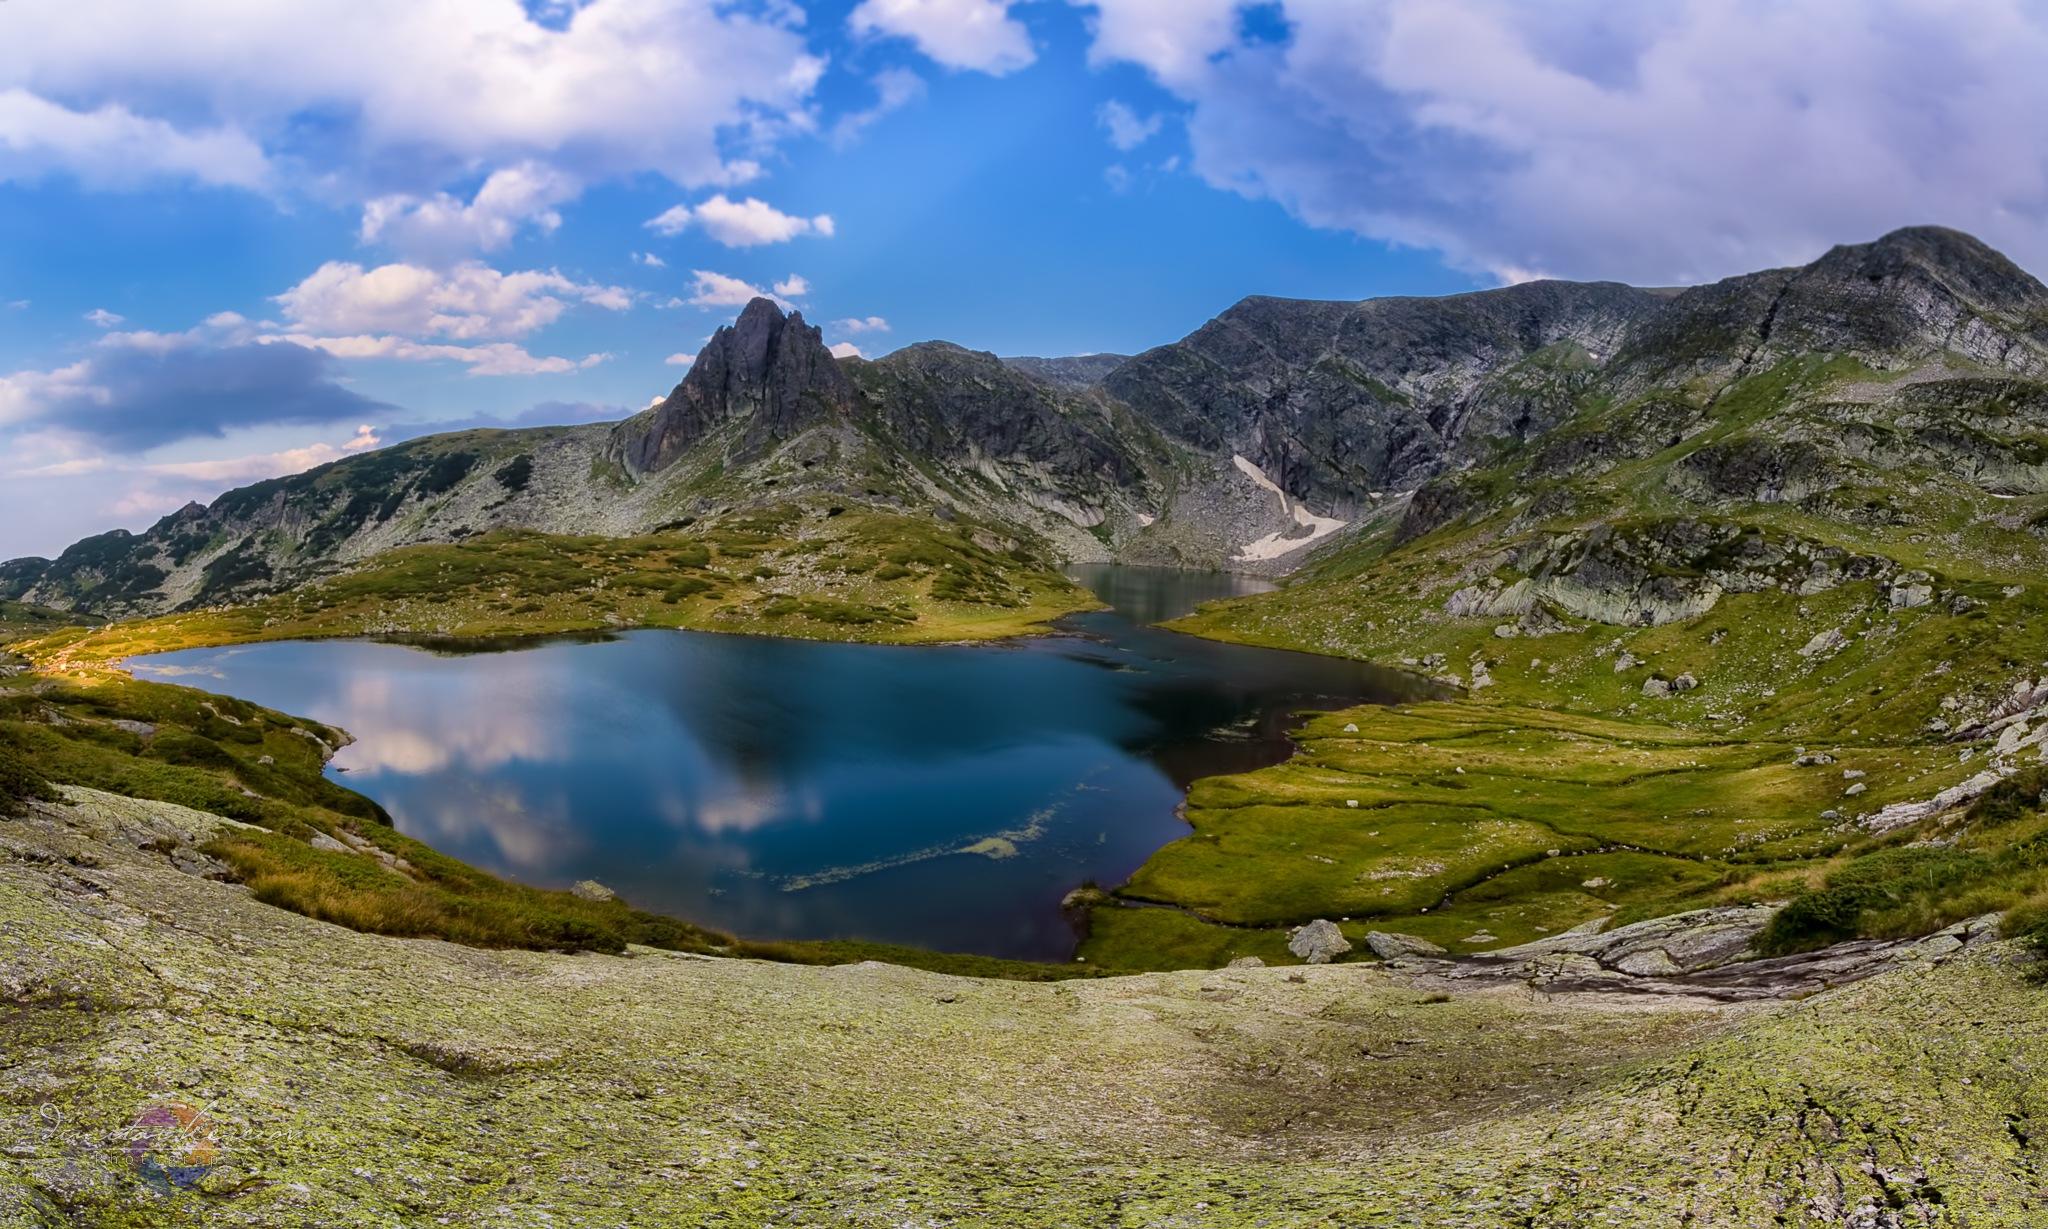 Rila mountain by Dimitar Kerezov